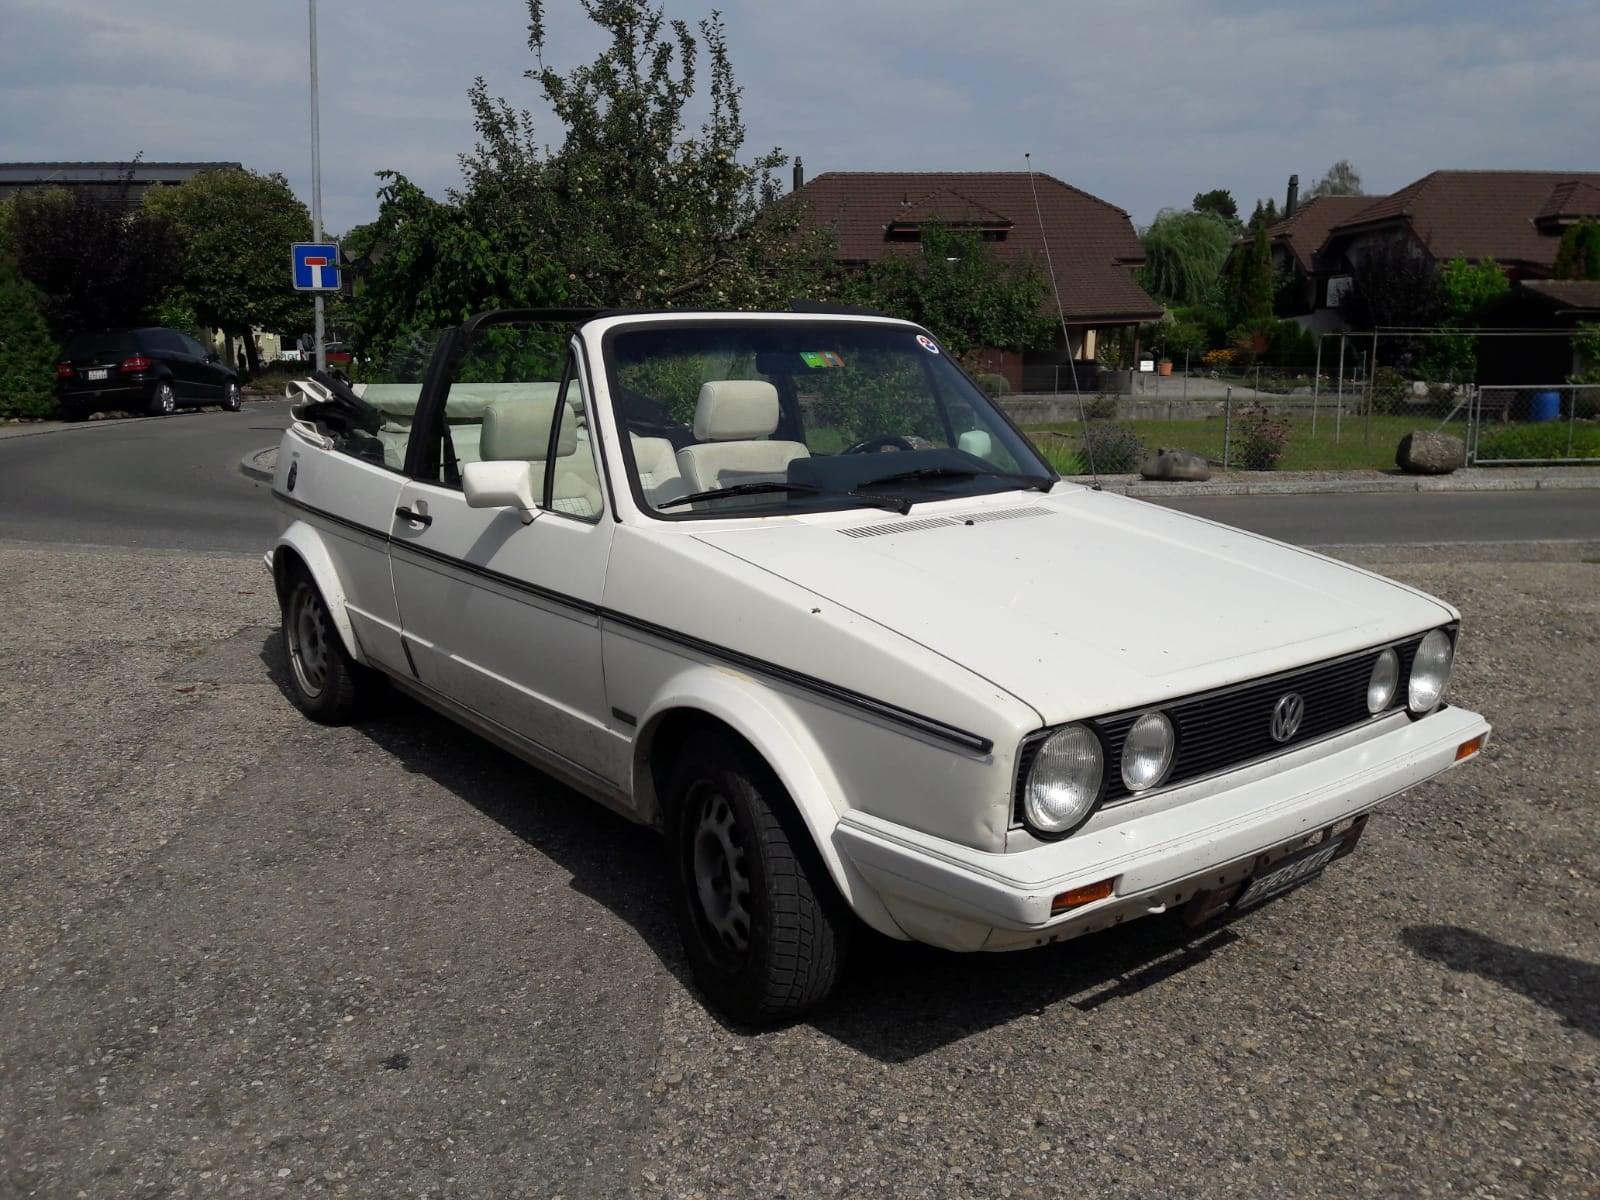 cabriolet VW Golf Cabriolet 1800 GL Quartett/Special/White